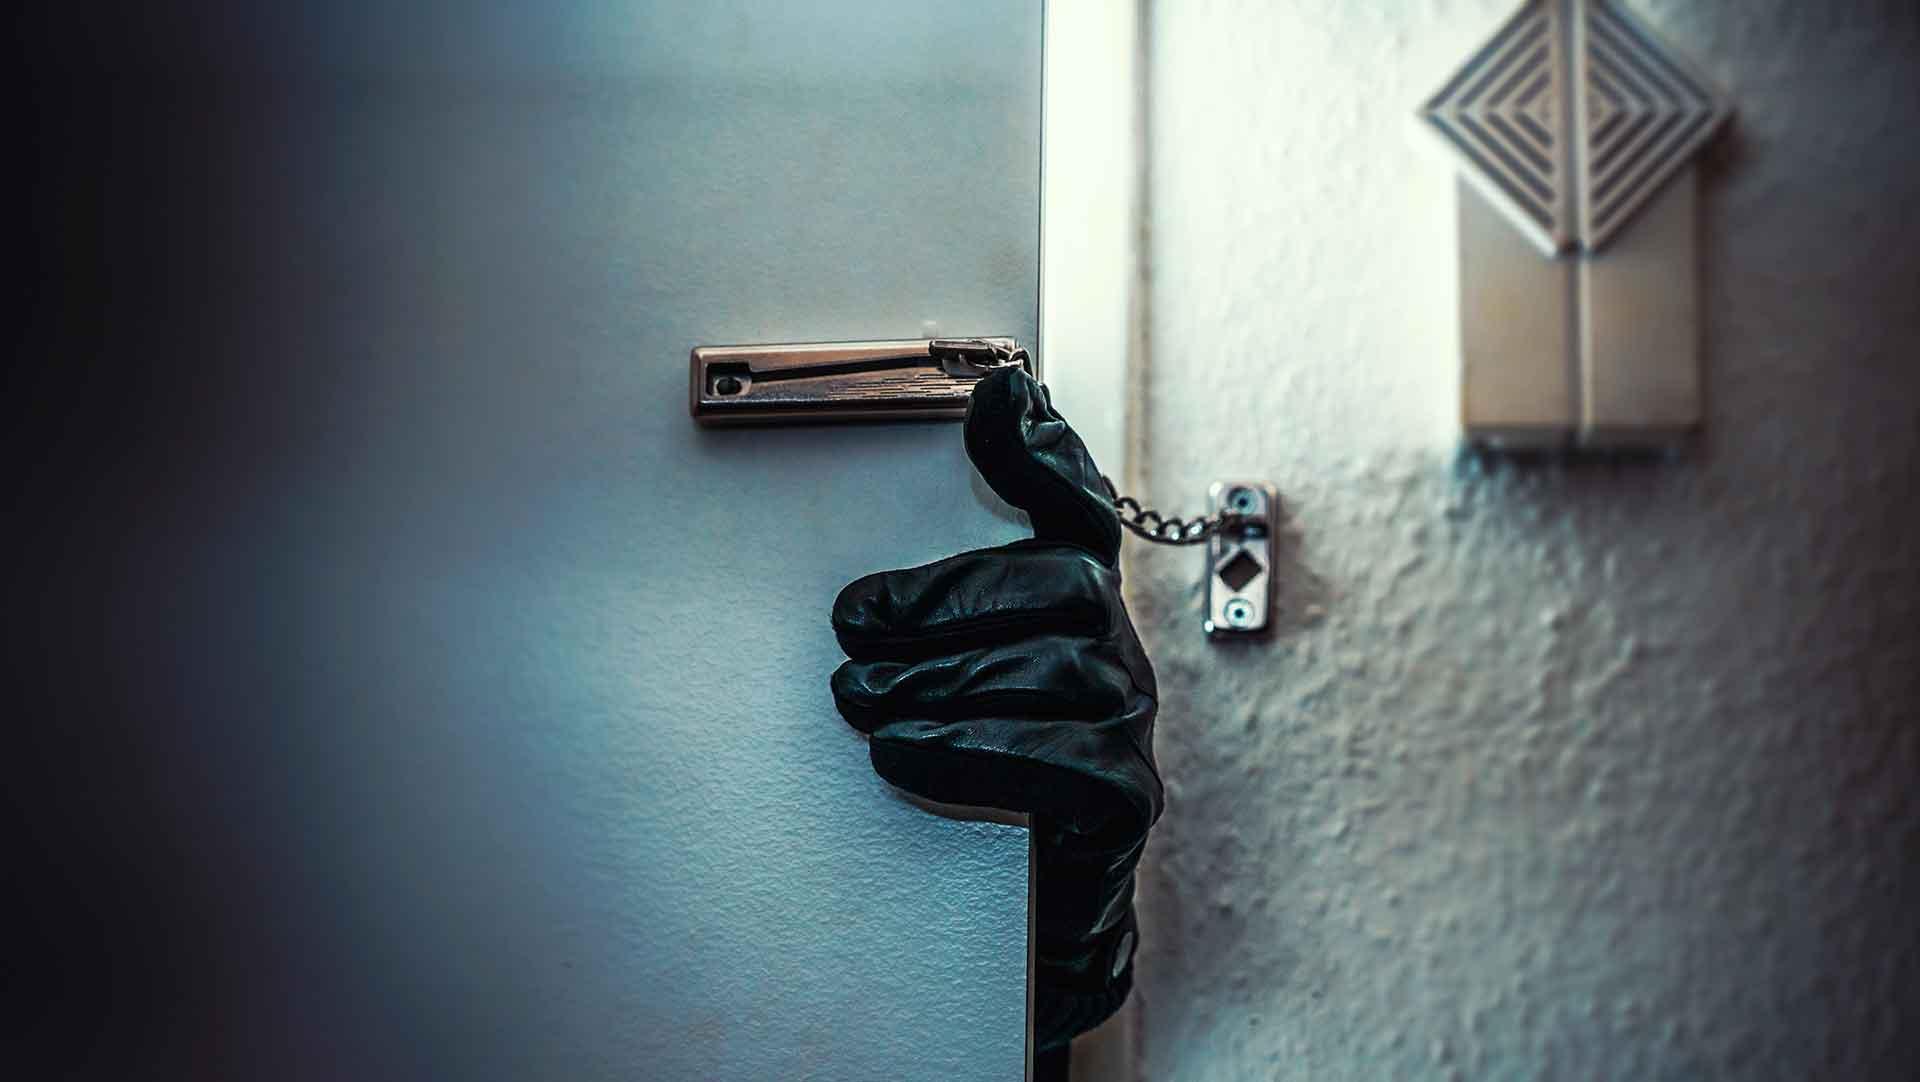 Como saber se um condomínio é seguro? Saiba como avaliar